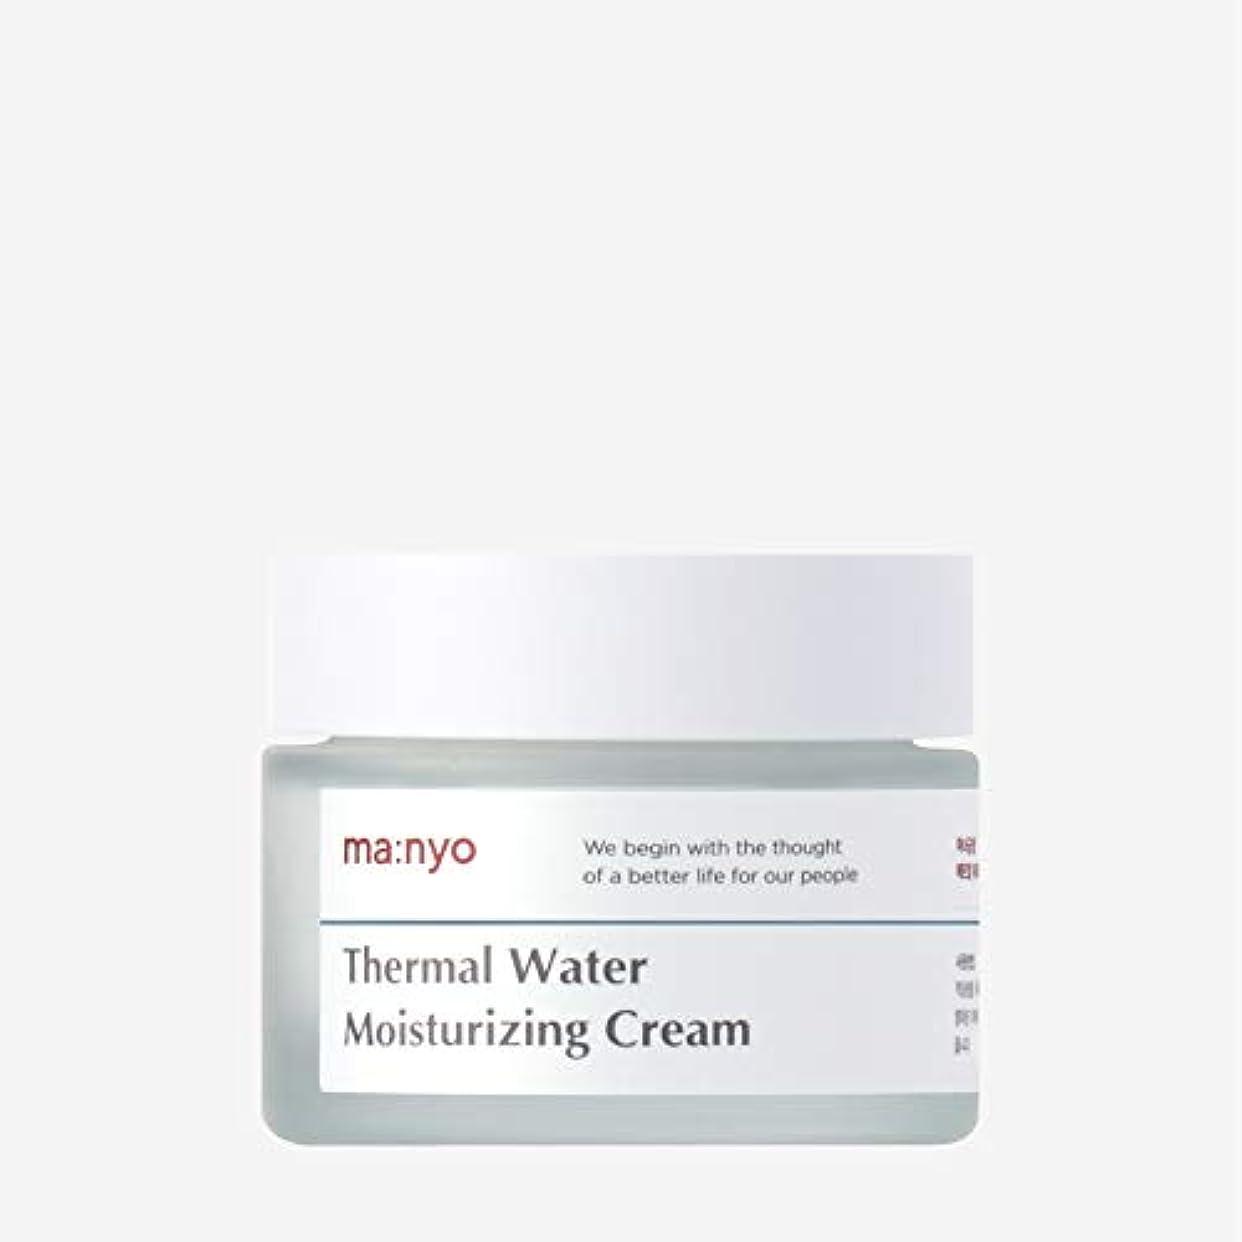 知性包帯賢明な魔女工場(Manyo Factory) 温泉水ミネラルクリーム 50ml / 天然ミネラル、チェコ温泉水67%で保湿補充 [並行輸入品]